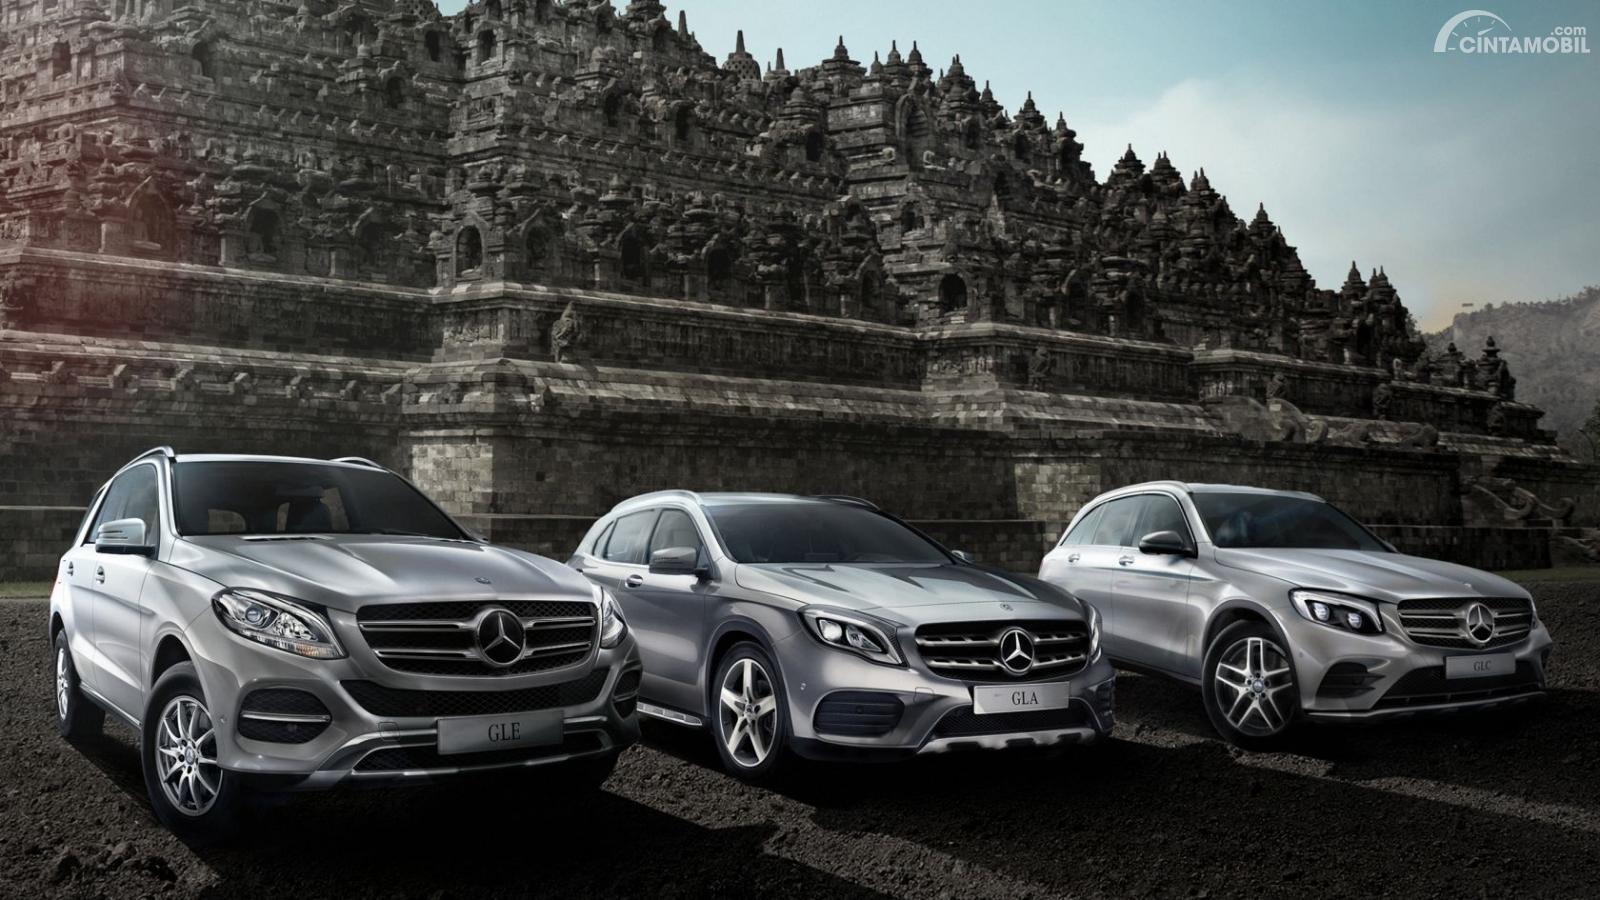 Jual Beli Mobil Mercedes Benz Bekas Baru Harga Murah Kondisi Terbaik Di Seluruh Indonesia Mercedes Benz Mercedes Mobil Pertama